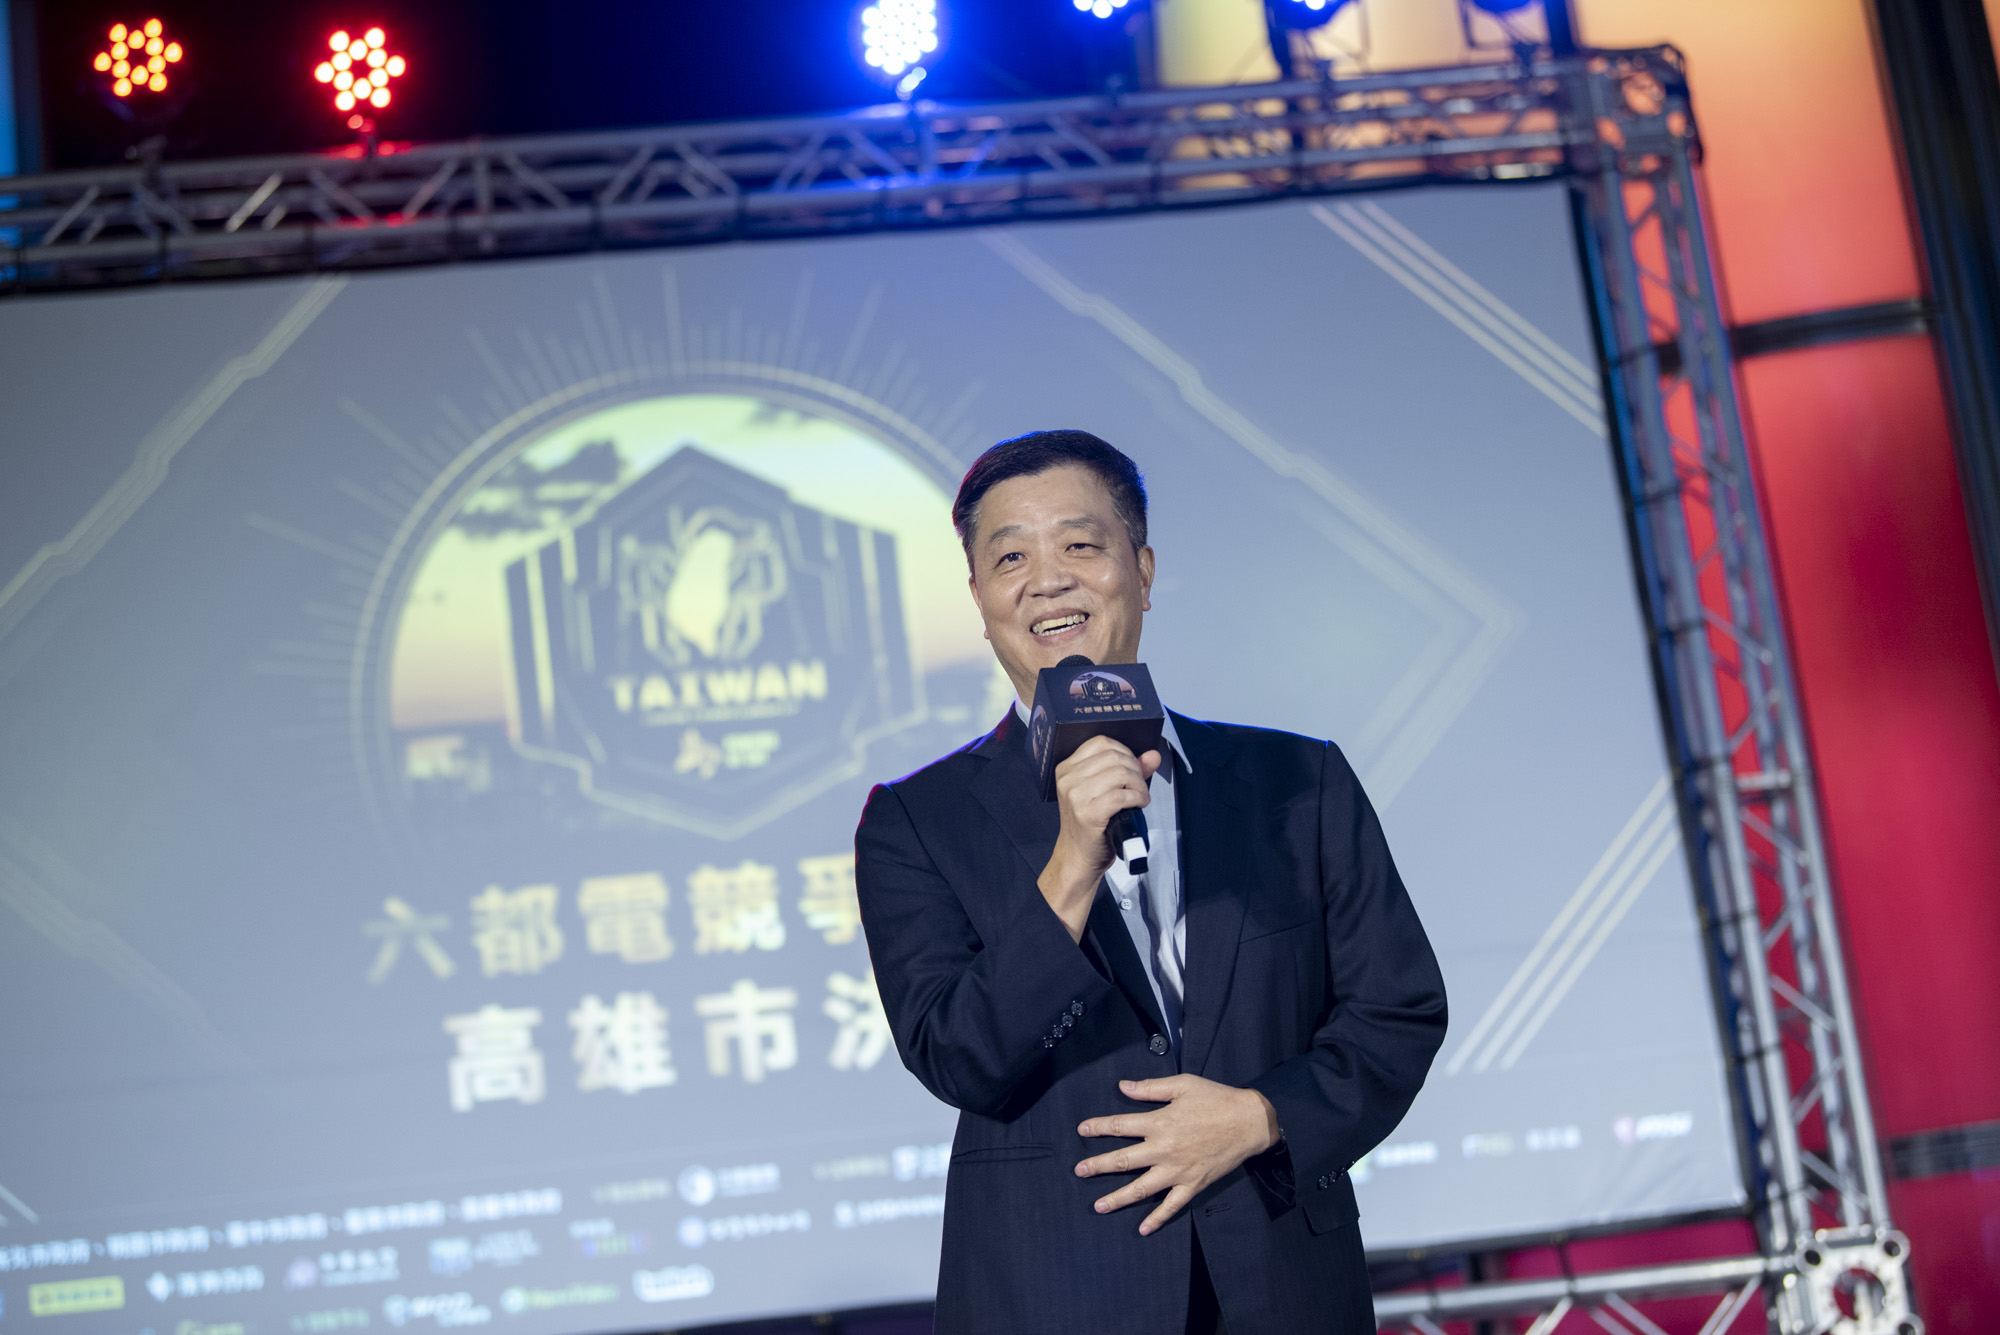 ▲高雄市副市長陳雄文蒞臨決賽現場致詞。(攝影:李昆翰)